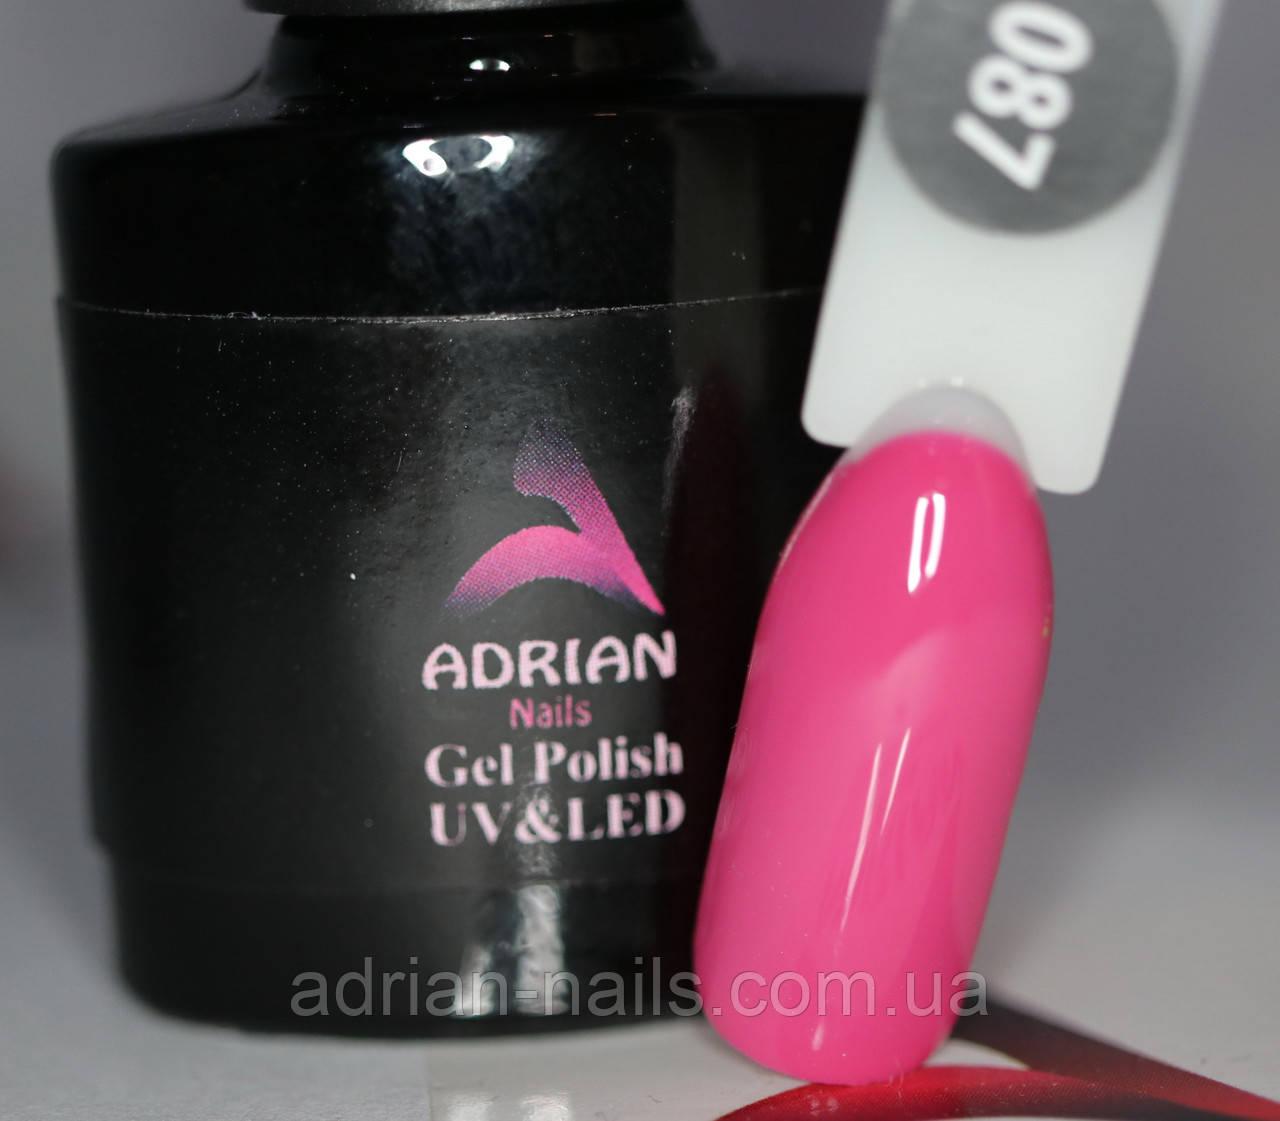 Гель-лак Adrian Nails 10ml - 087